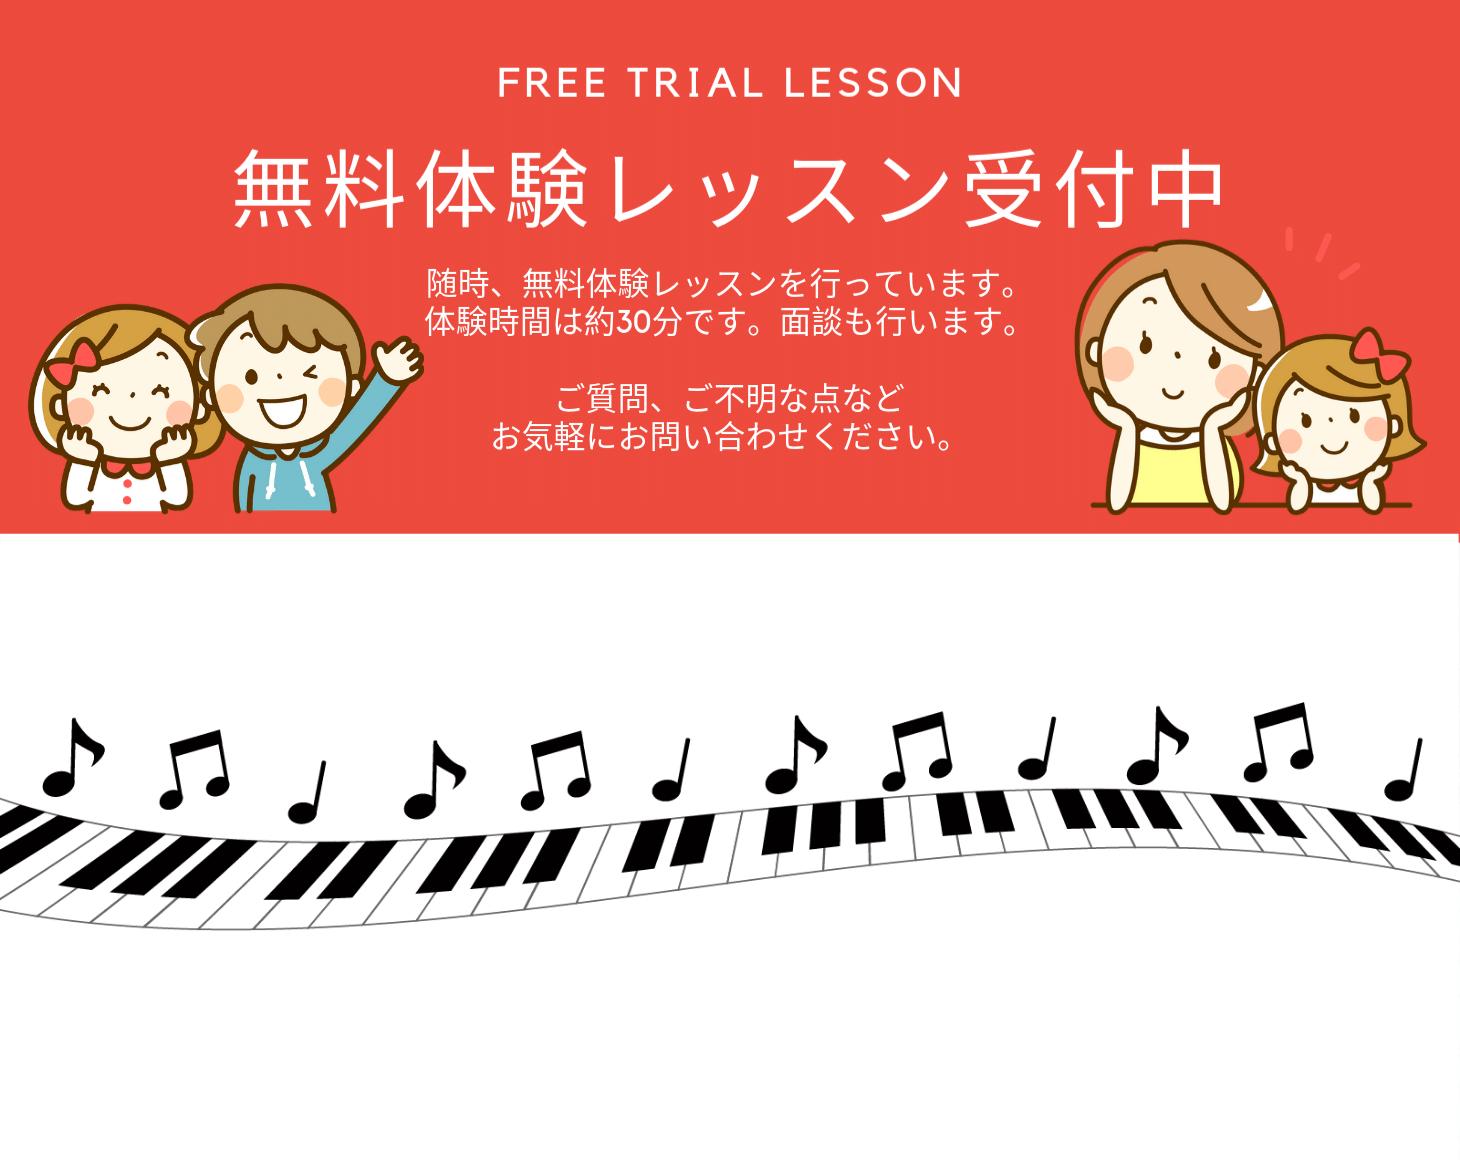 岩倉市にある山田音楽教室では無料体験レッスン受付中です。